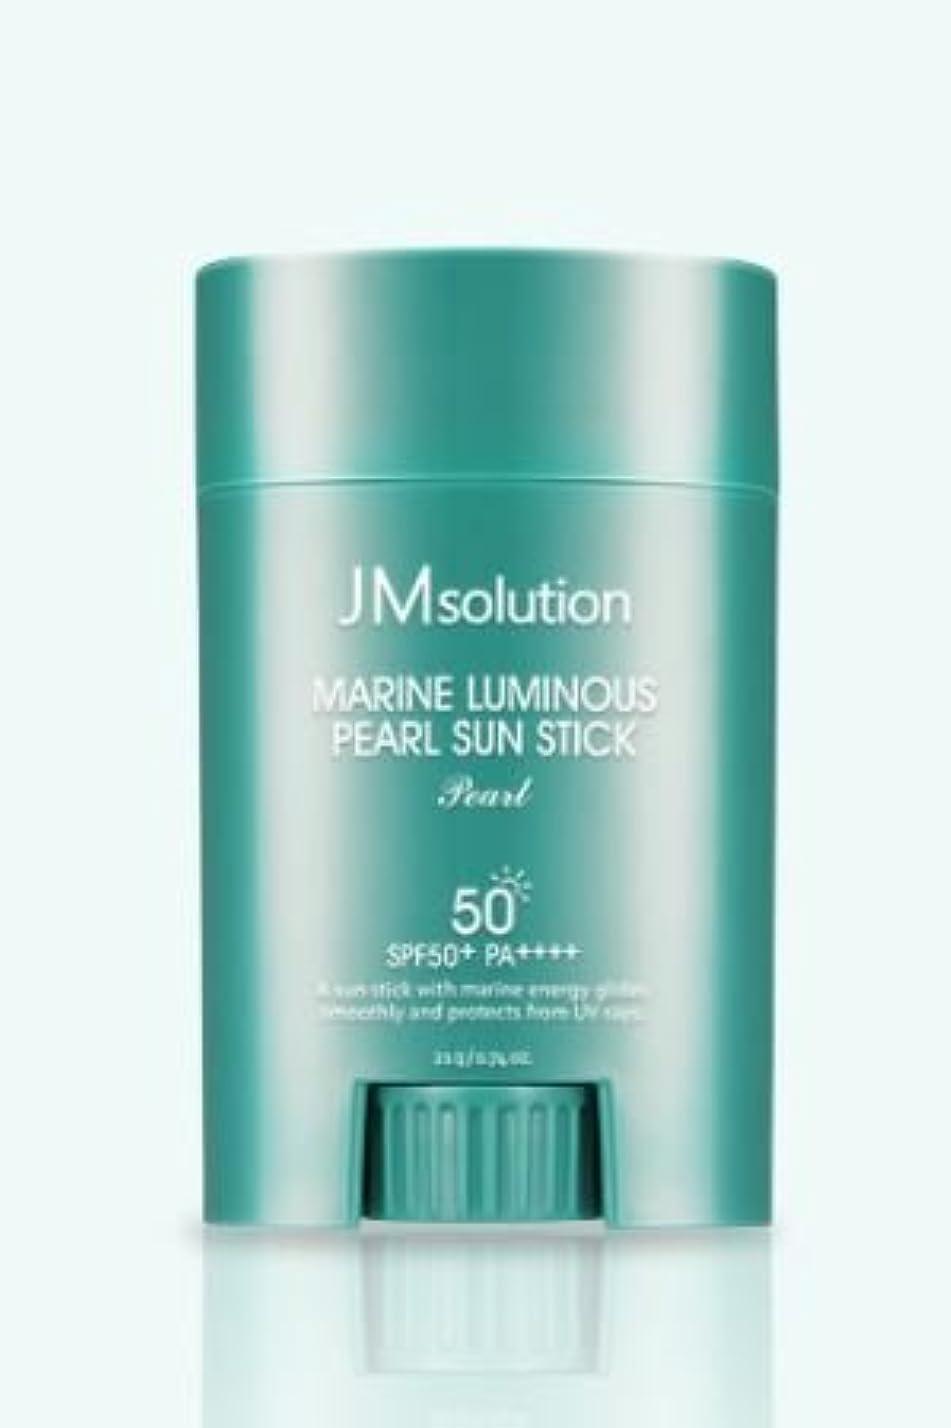 ために信じられないウサギ[JMsolution] Marine Luminous Pearl Sun Stick 21g SPF50+ PA++++ [並行輸入品]